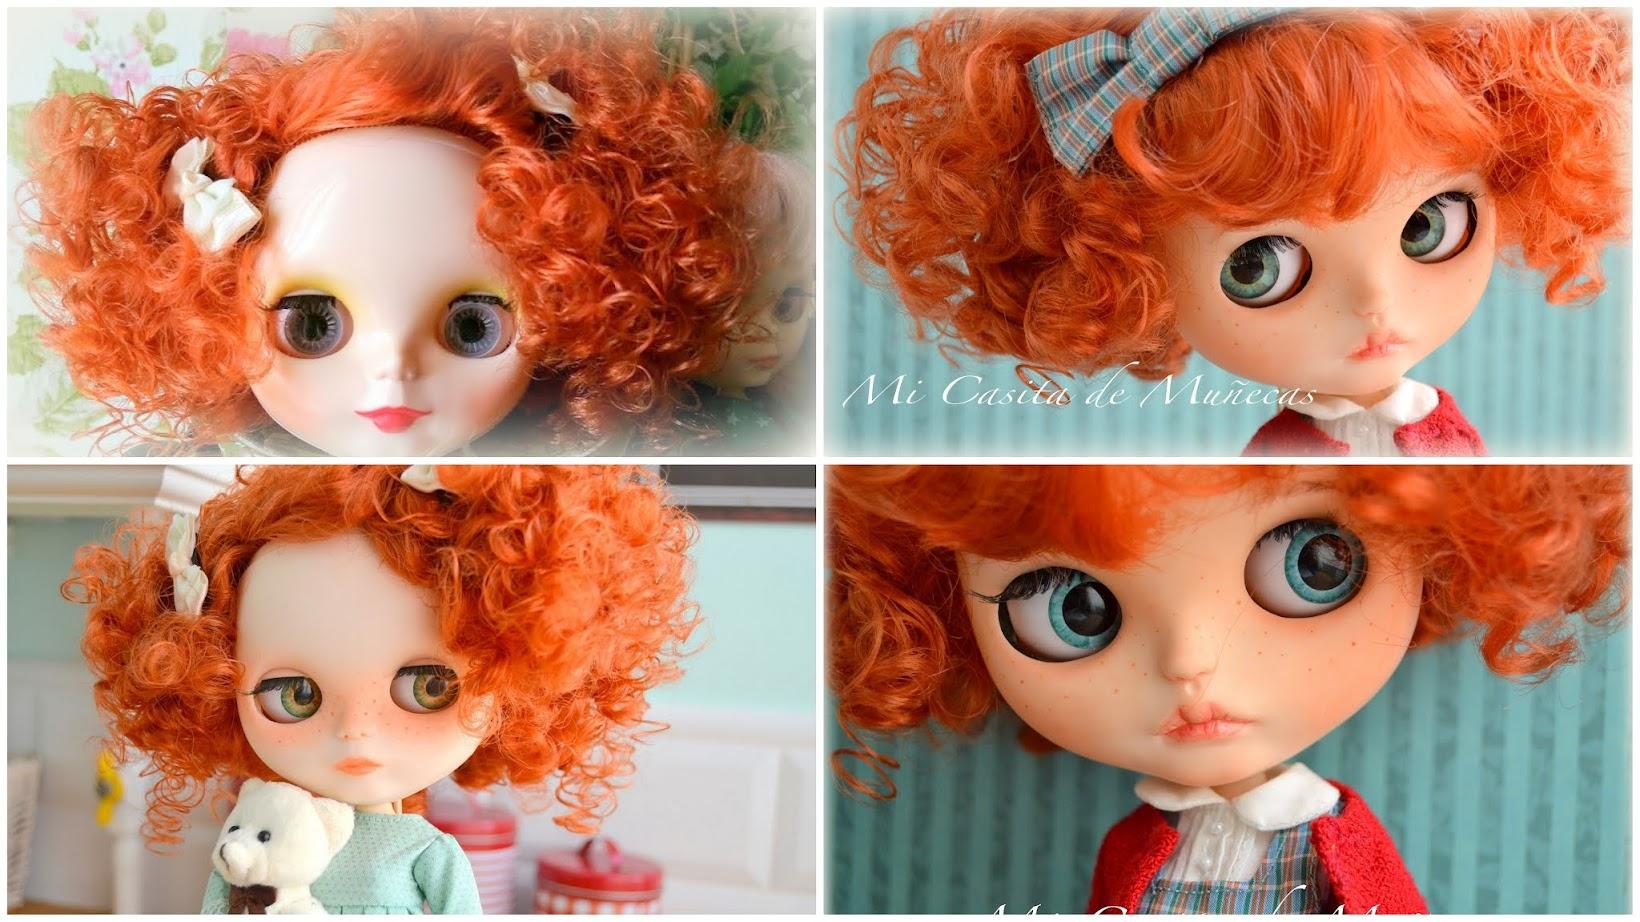 Blythe custom, blythe ooak, pullirings, eyes, scalp, carving, marta del pino, mi casita de muñecas